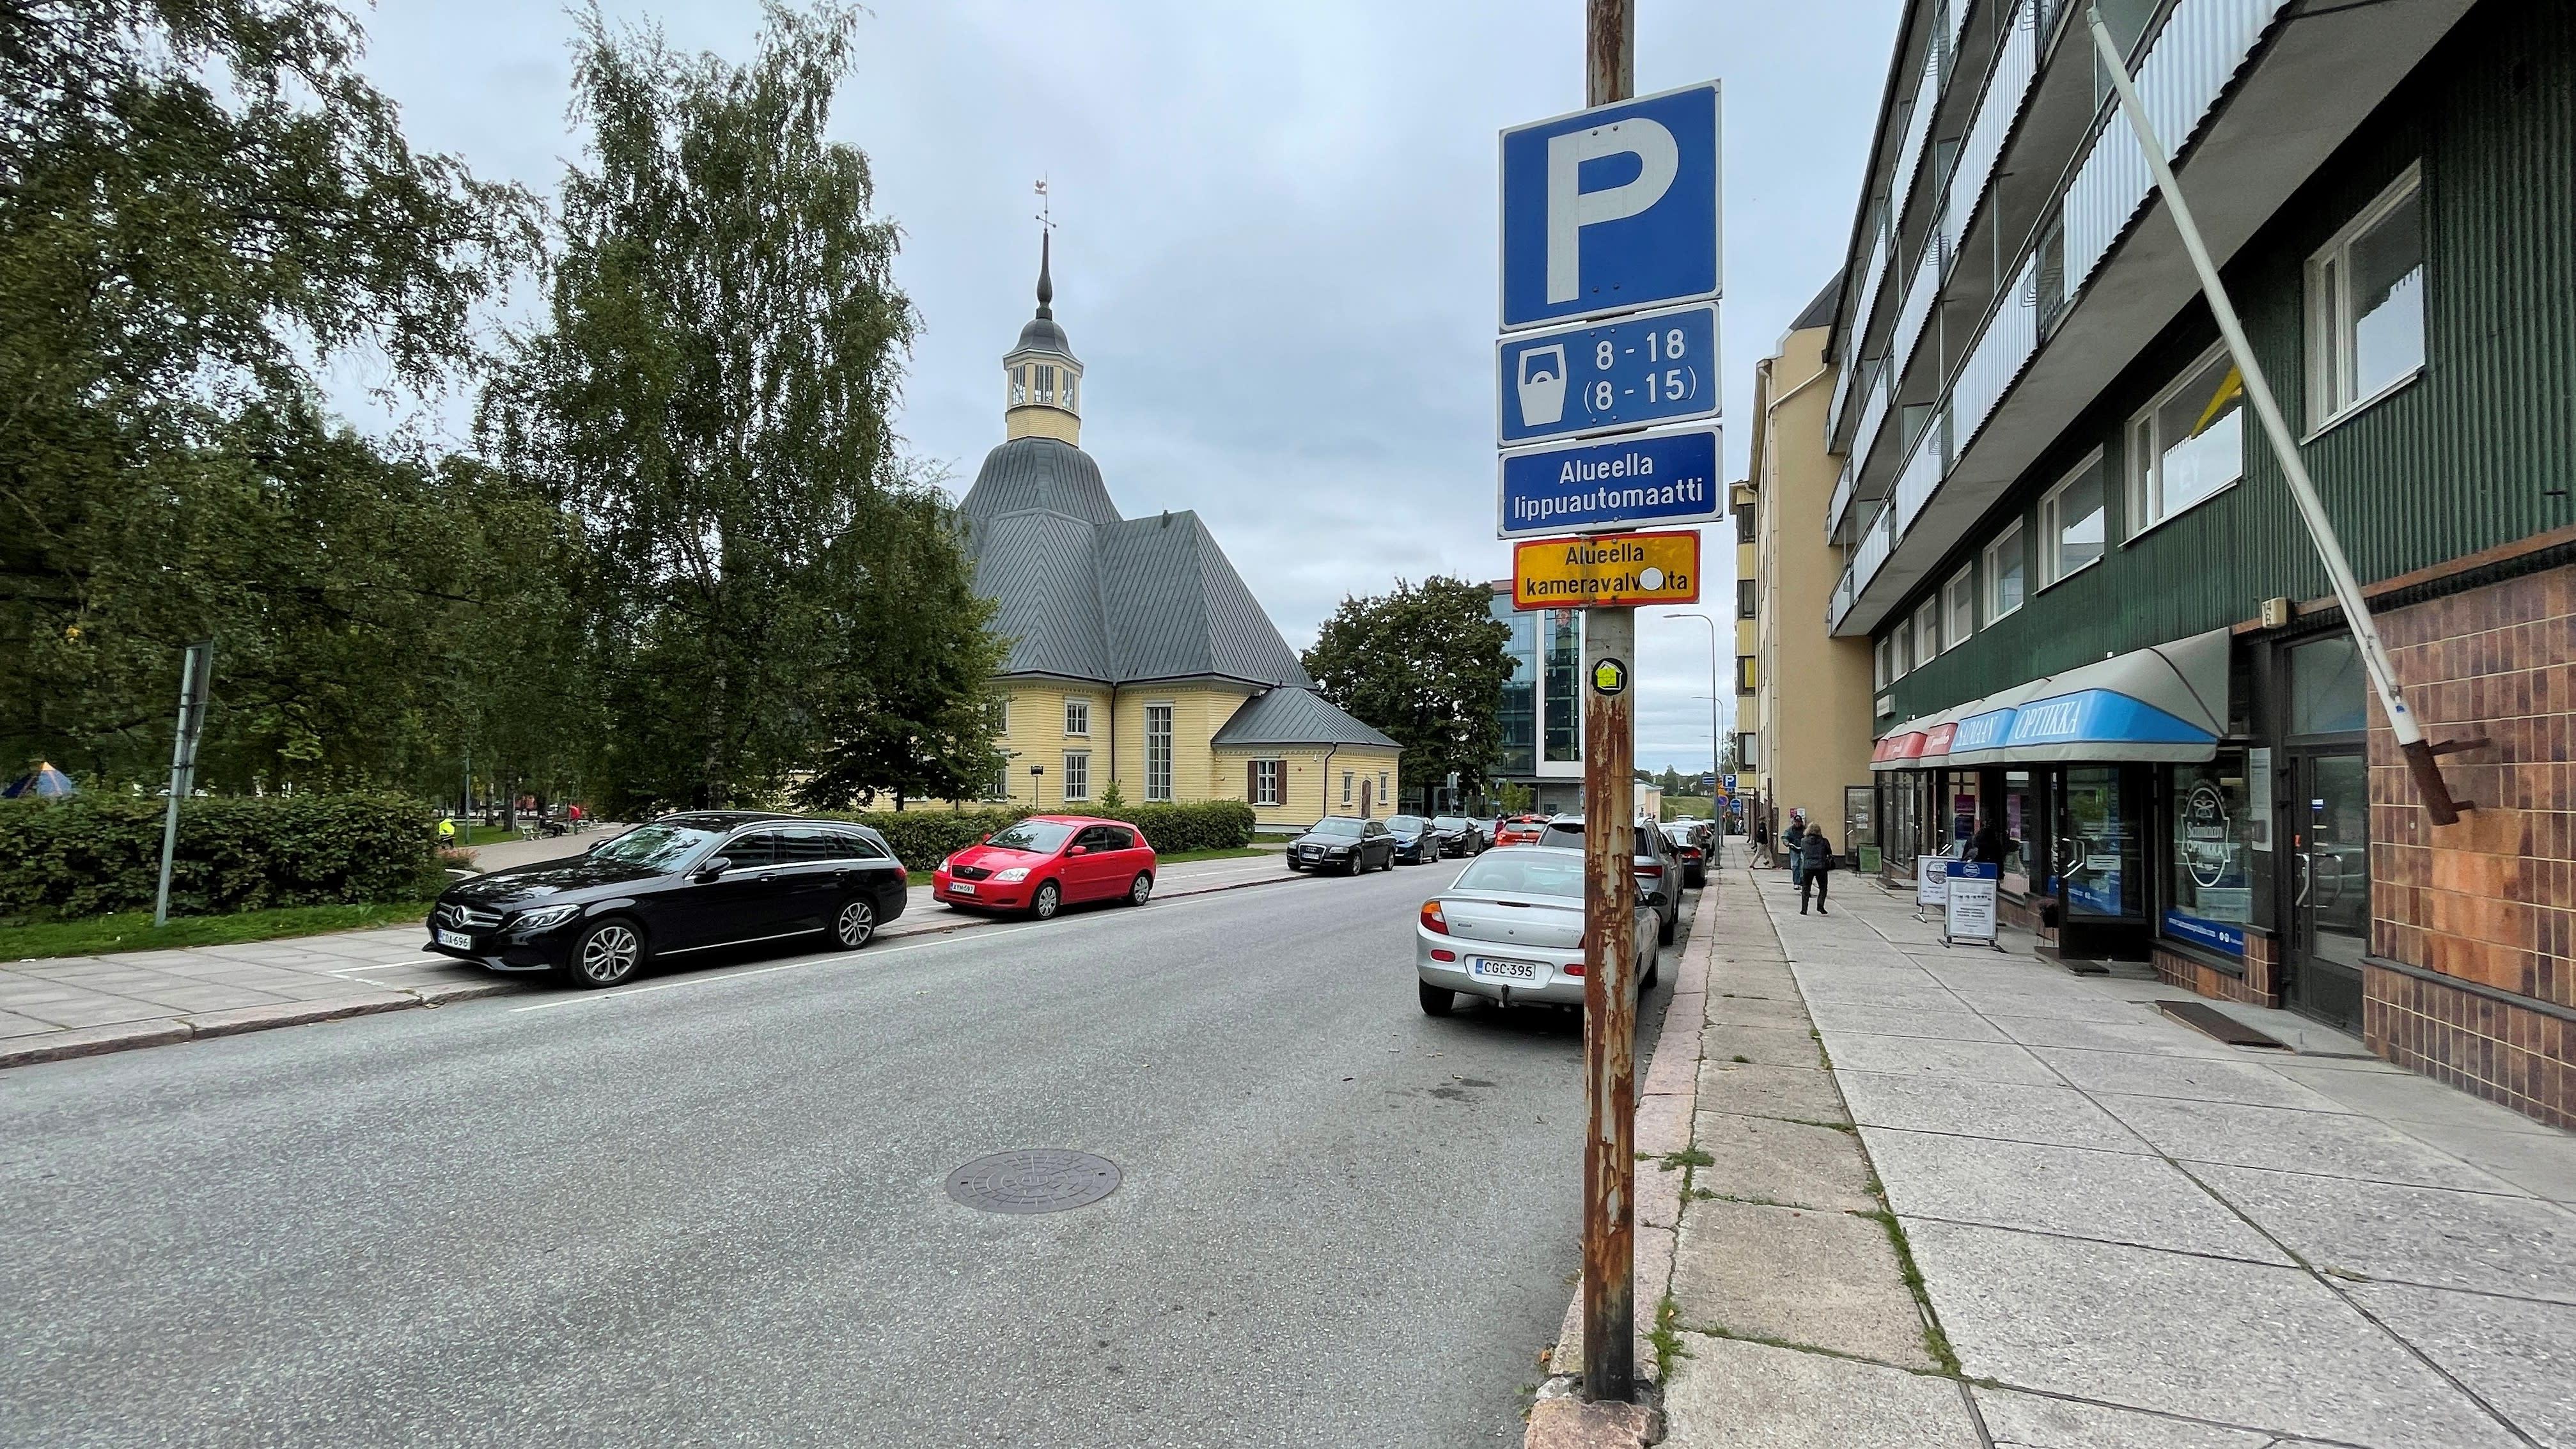 Pysäköityjä autoja Lappeenrannan keskustassa